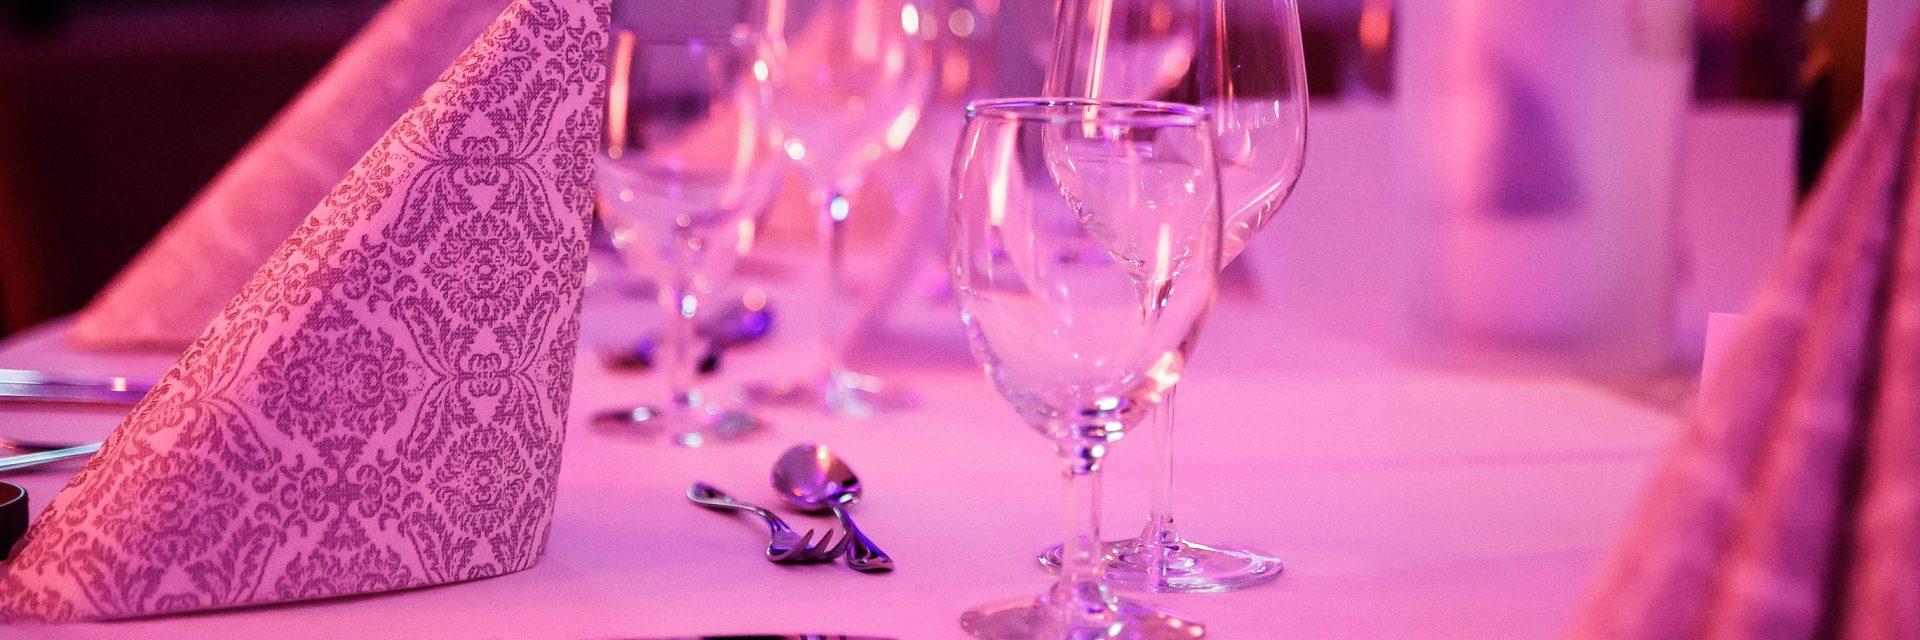 Bogen-Event-Halle für größere Hochzeiten mit Tanzfläche & großzügiger Terrasse